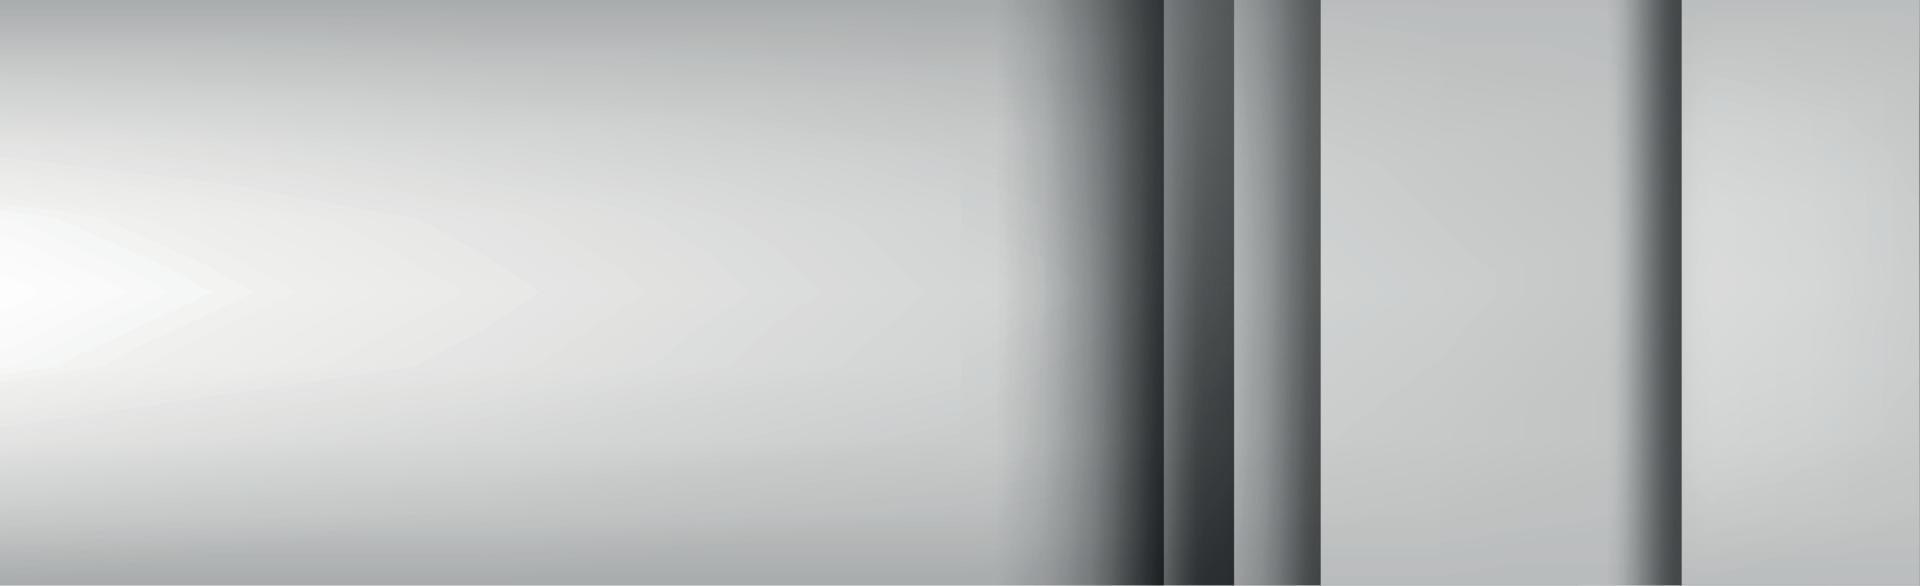 vit och grå bakgrund med flera lager - vektor